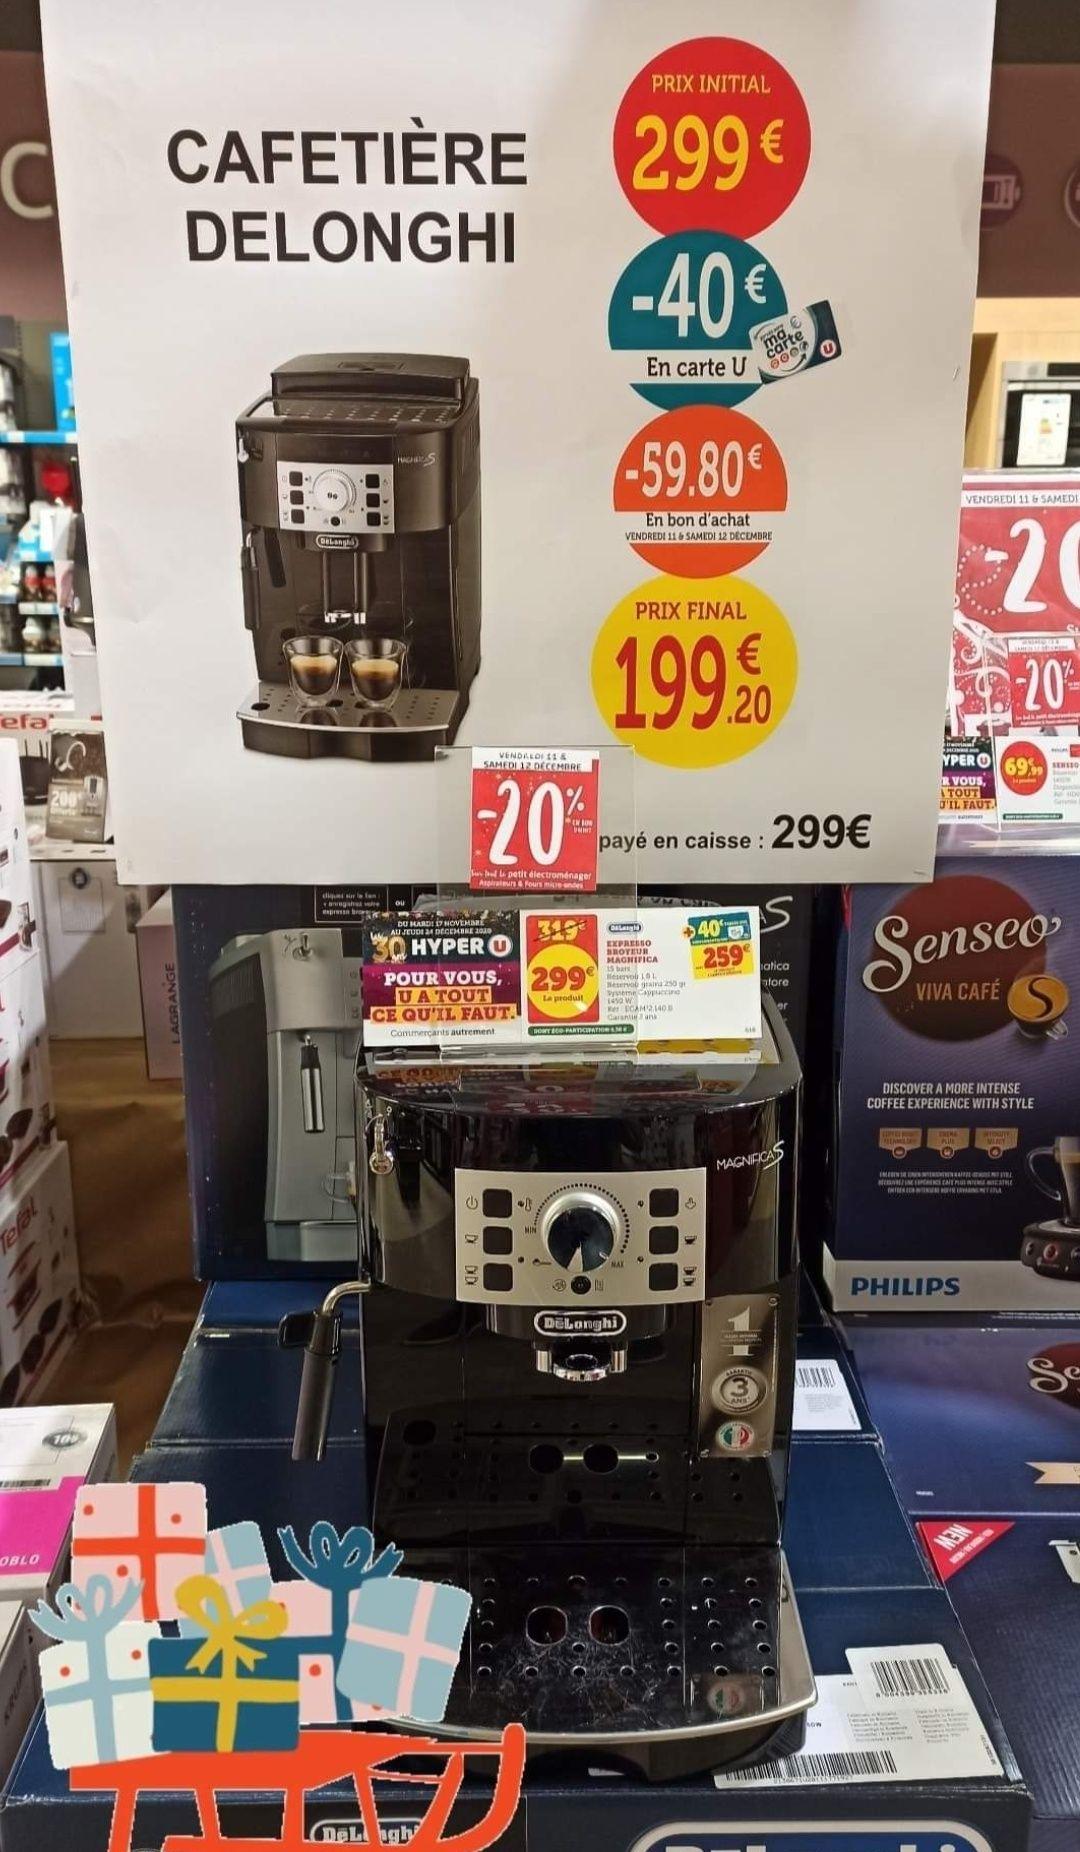 Machine à café automatique Delonghi ECAM 22.140B (Via 40€ sur la carte fidélité + 59.80€ en bon d'achat) - Chateaugiron (35)